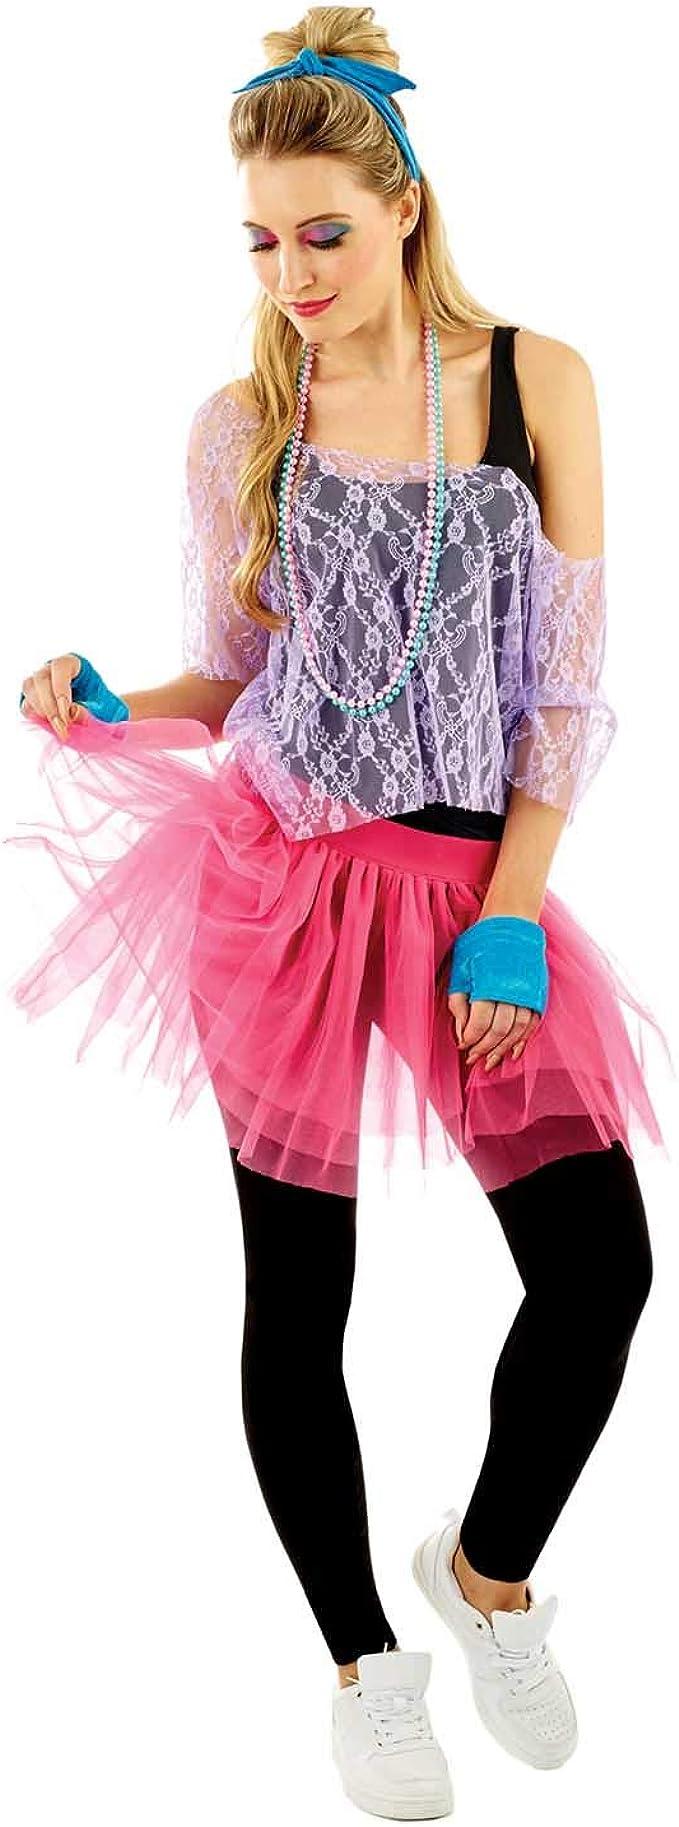 Amazon.com: Disfraz de neón para mujer de los años 80, para ...